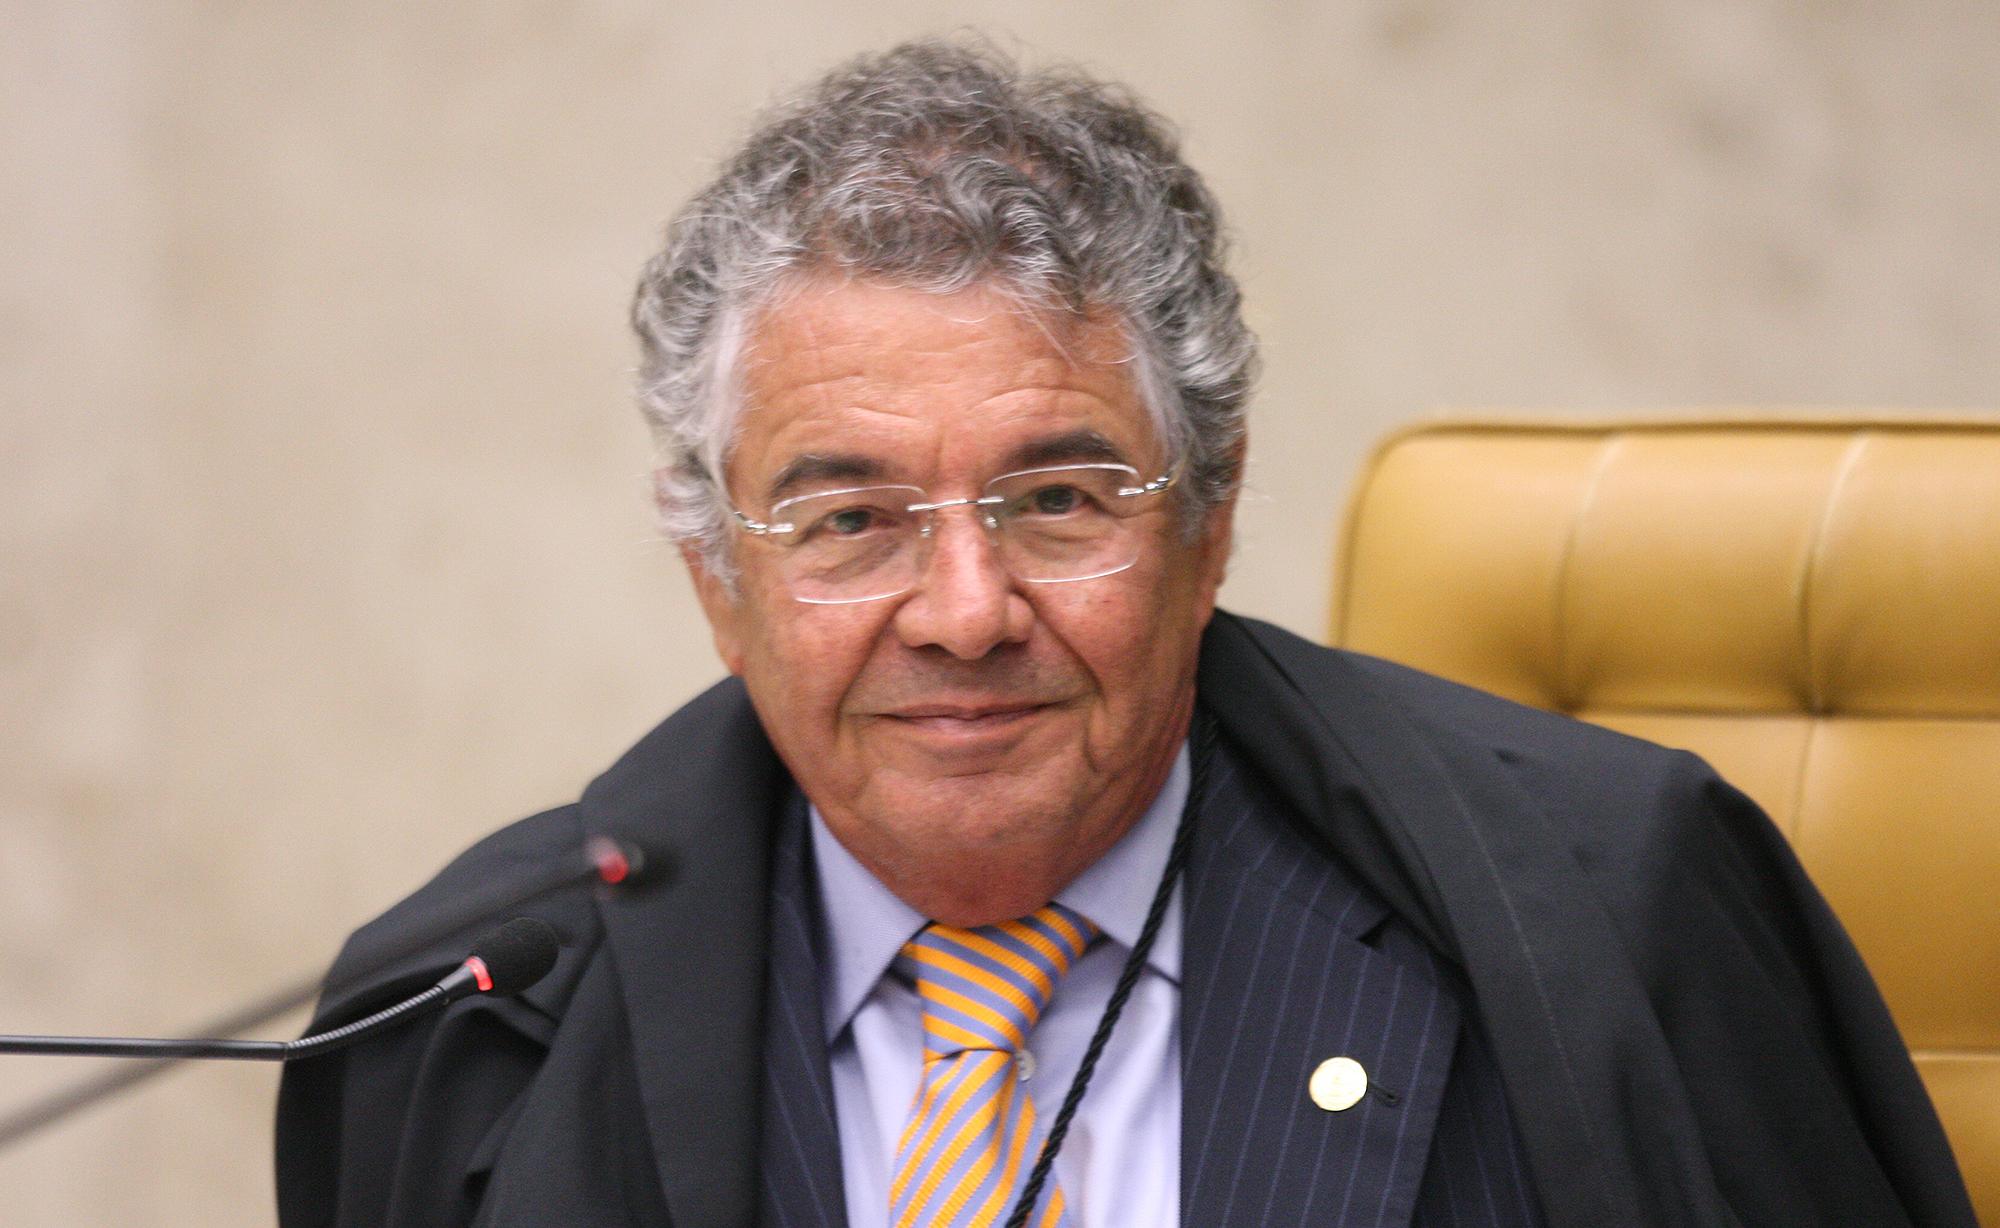 Ministro Marco Aurélio durante sessão do STF em 19.dez.2020